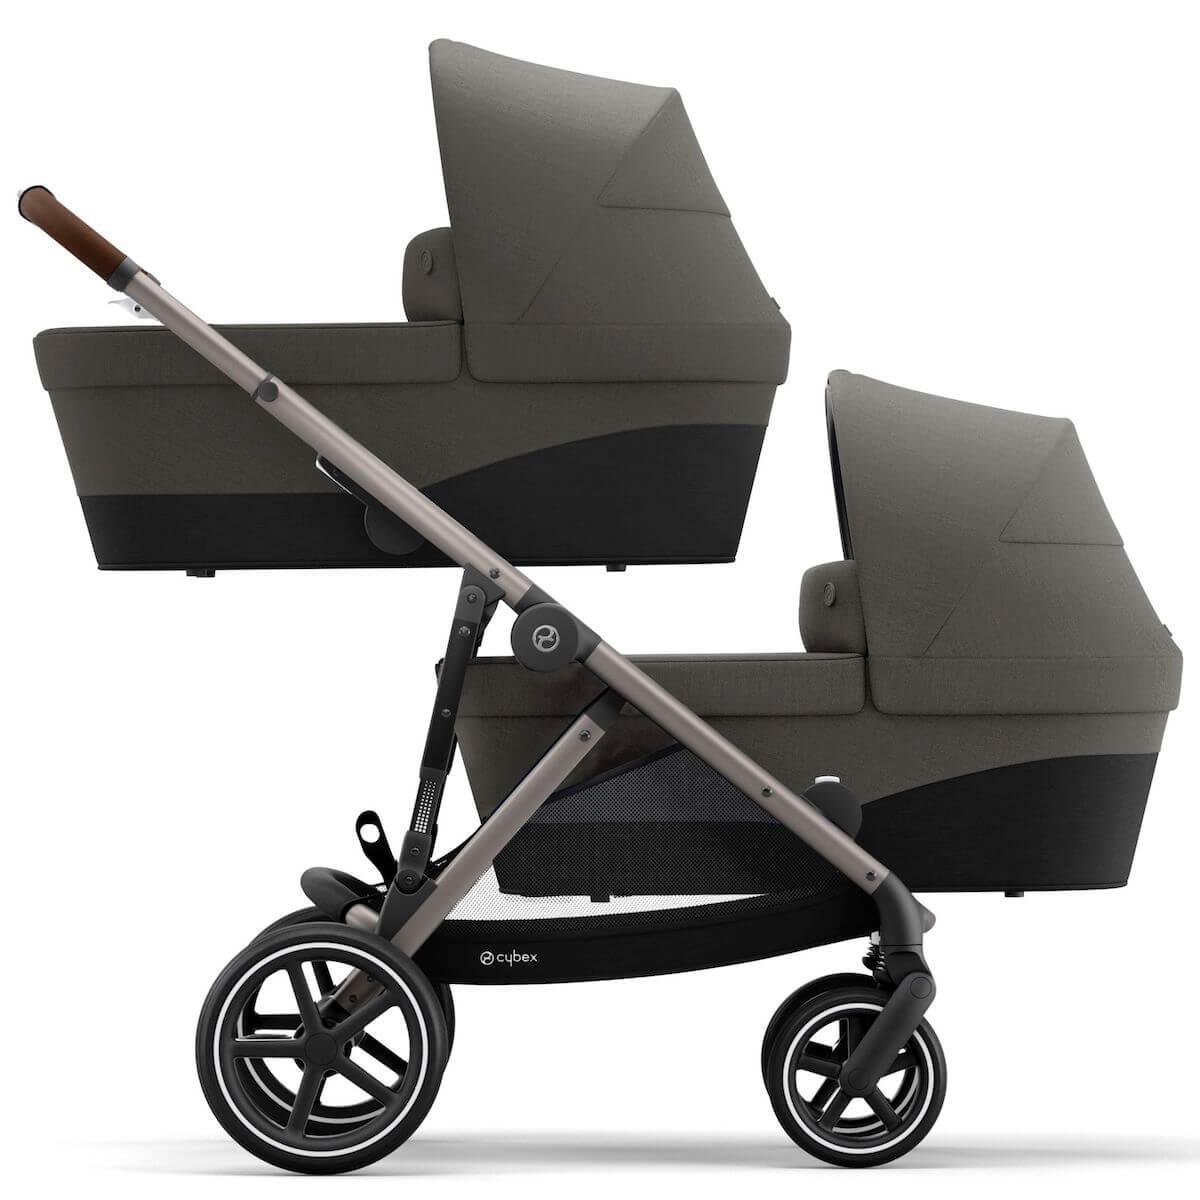 Kinderwagen GAZELLE S TPE Cybex Soho grey-mid grey